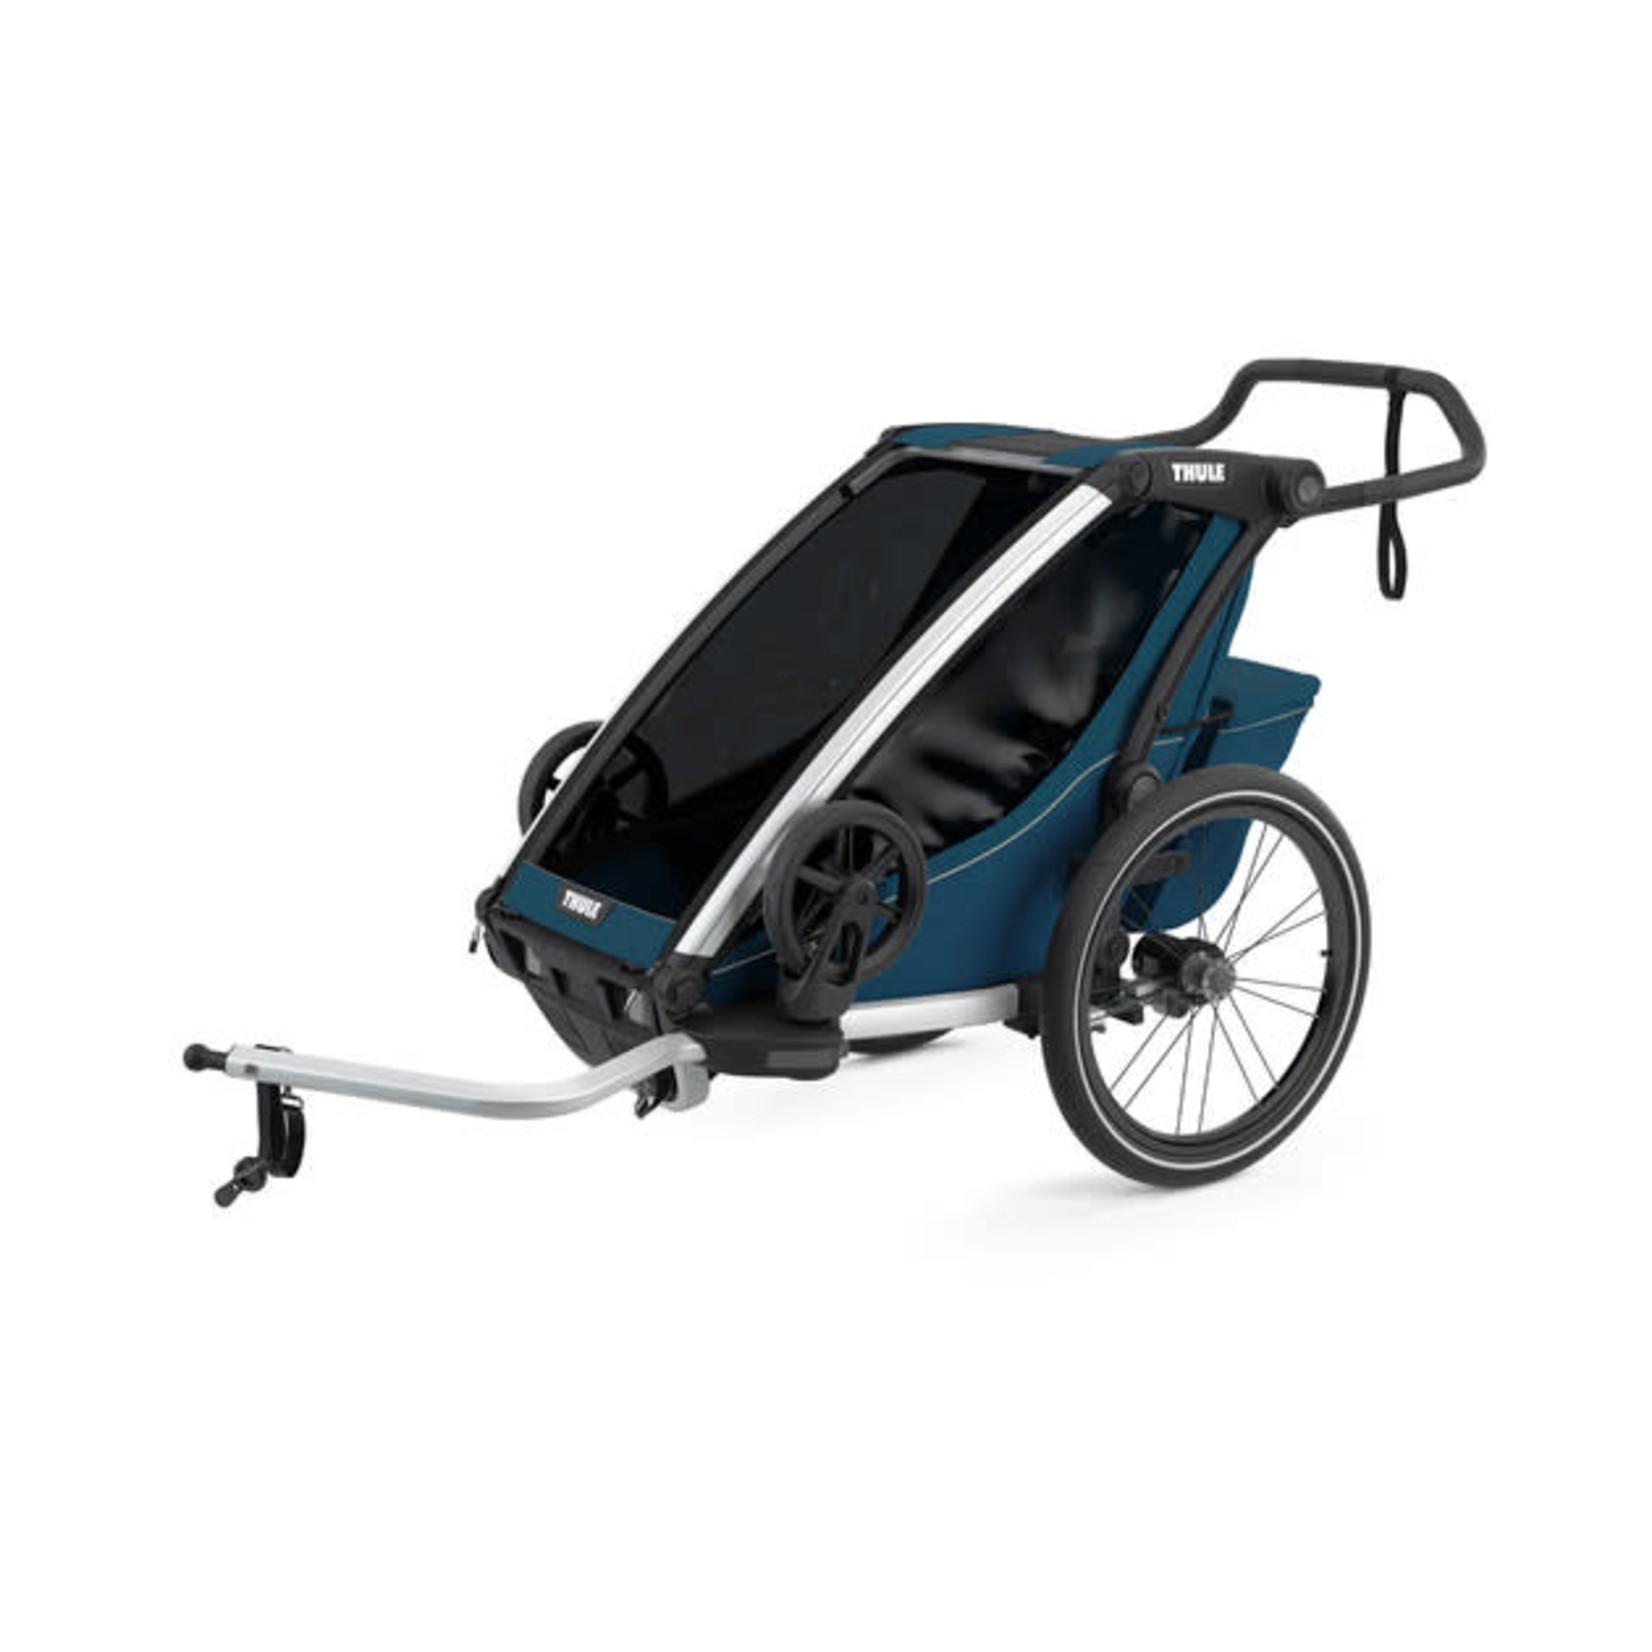 Thule Thule Chariot Cross 1 Majolica Blue